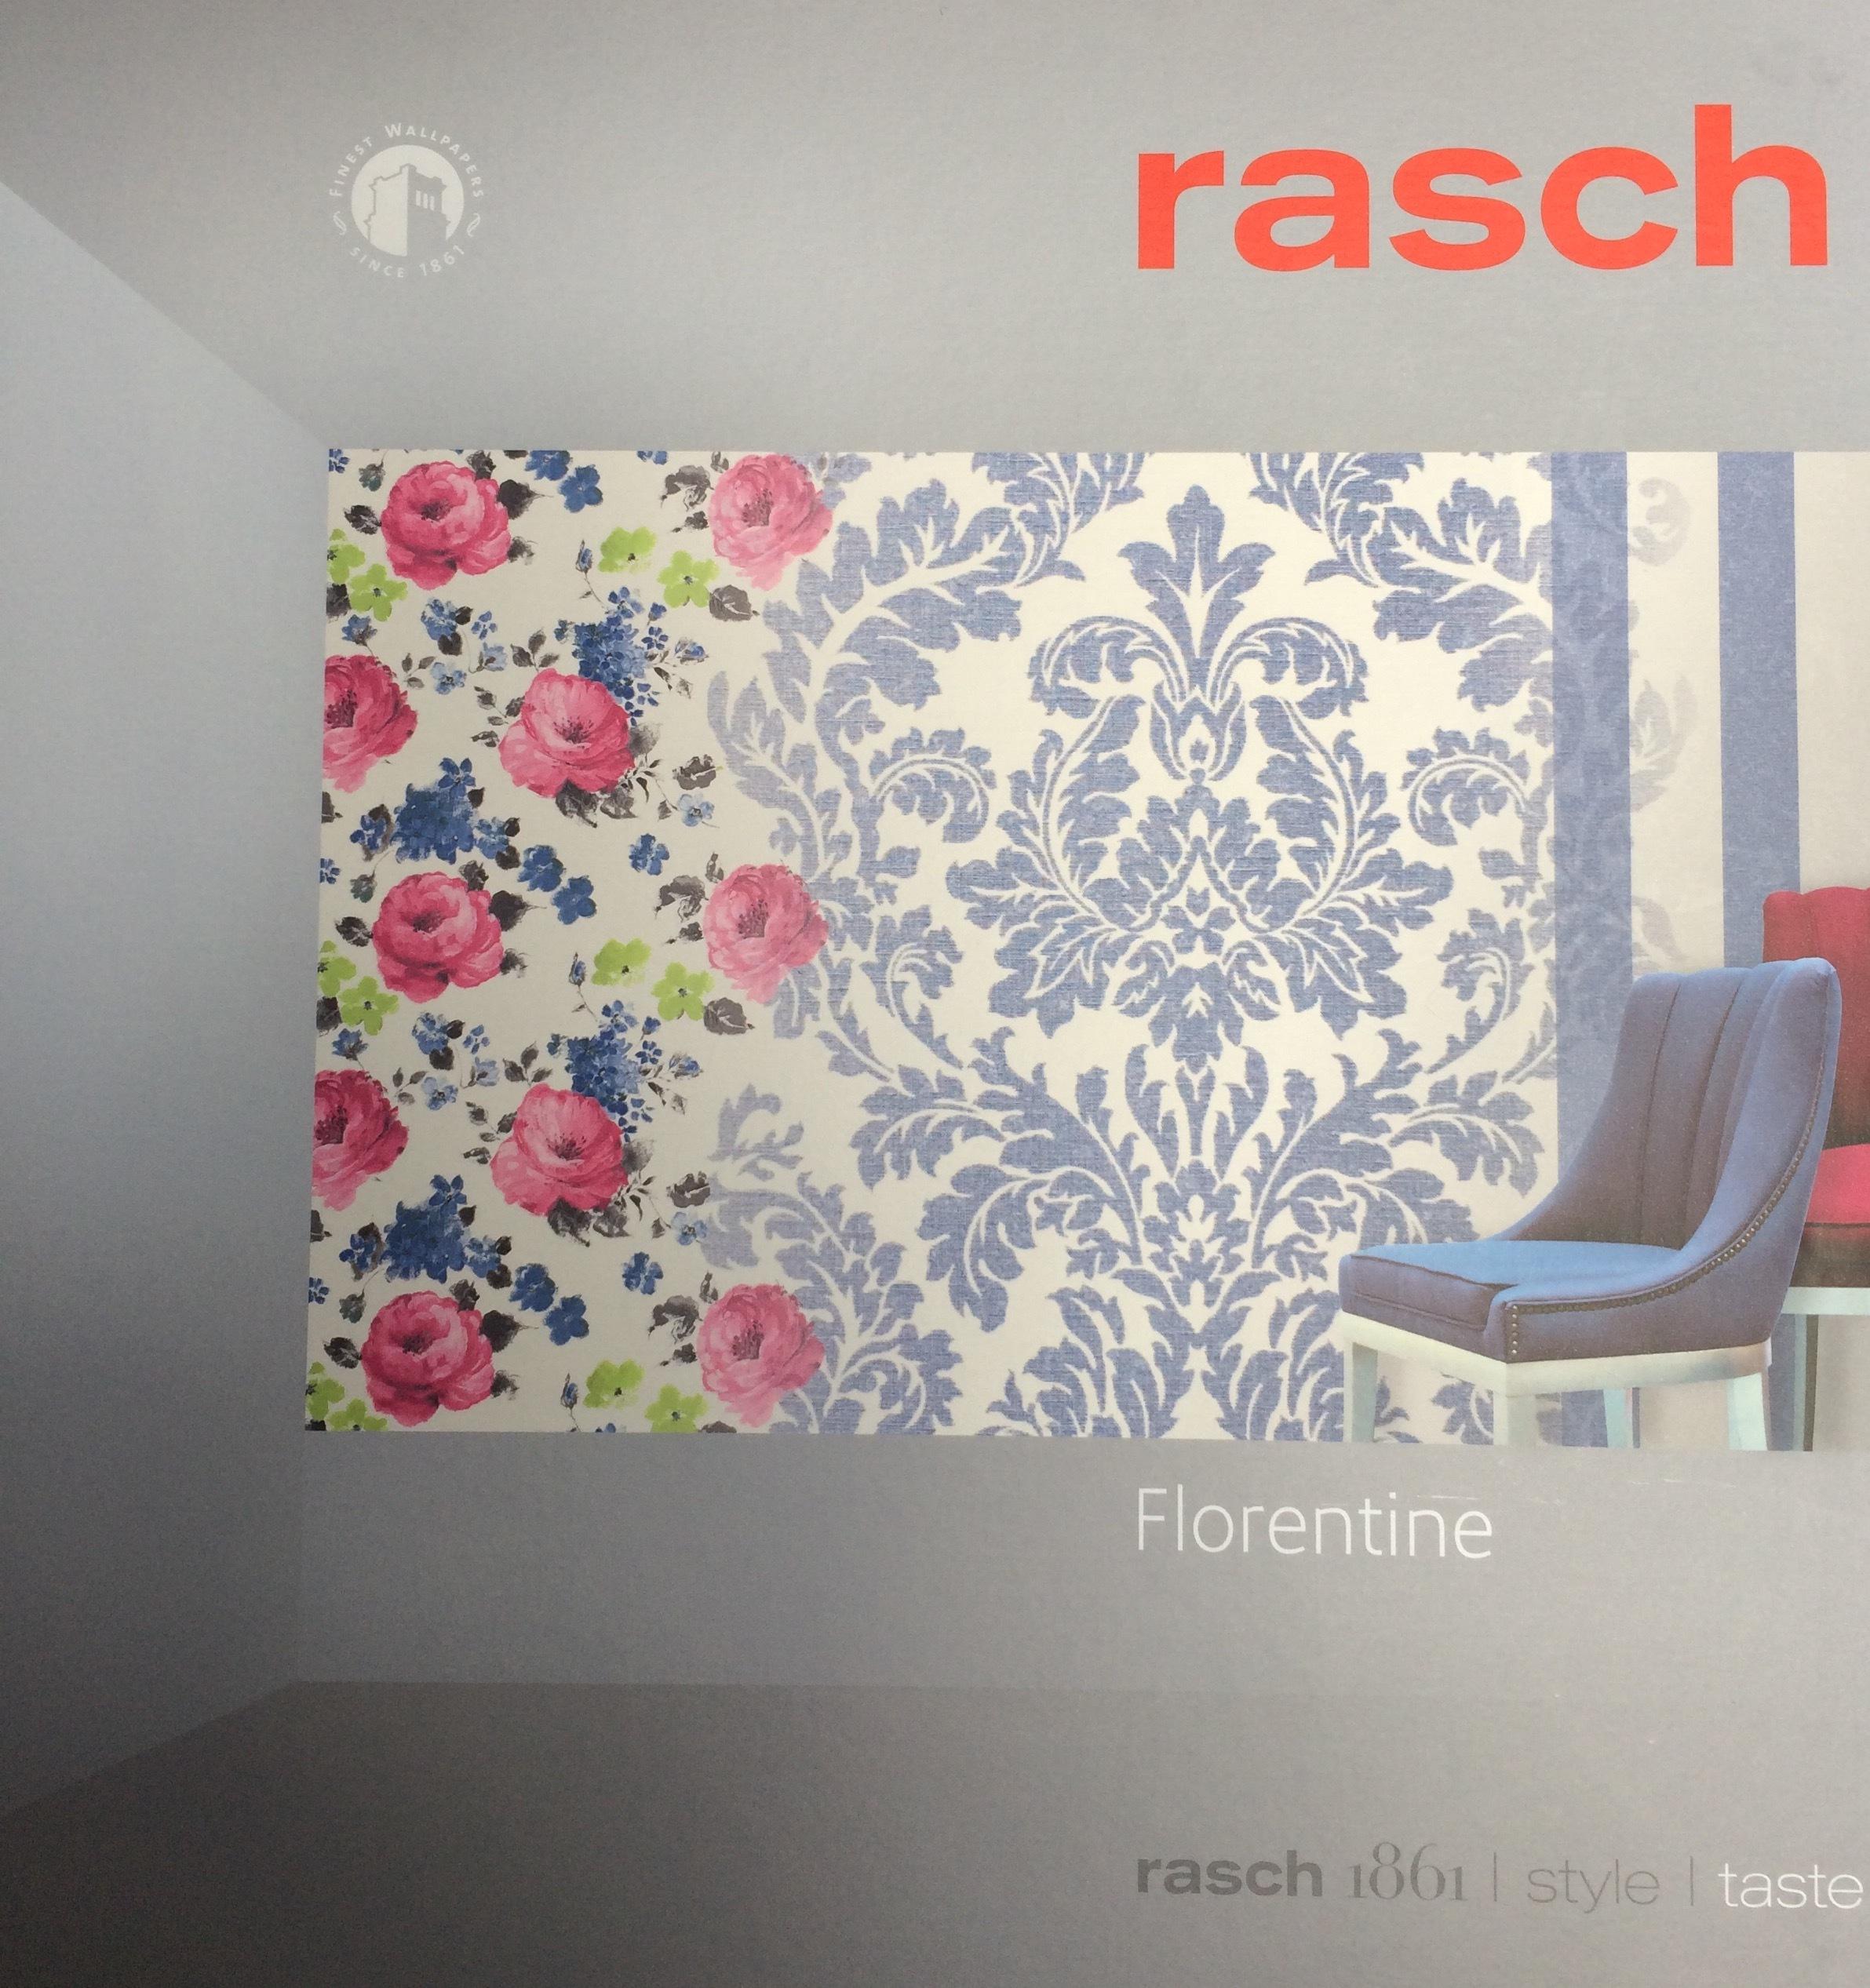 Küchentapeten Von Rasch ~ kollektion florentine von rasch jetzt online bestellen!